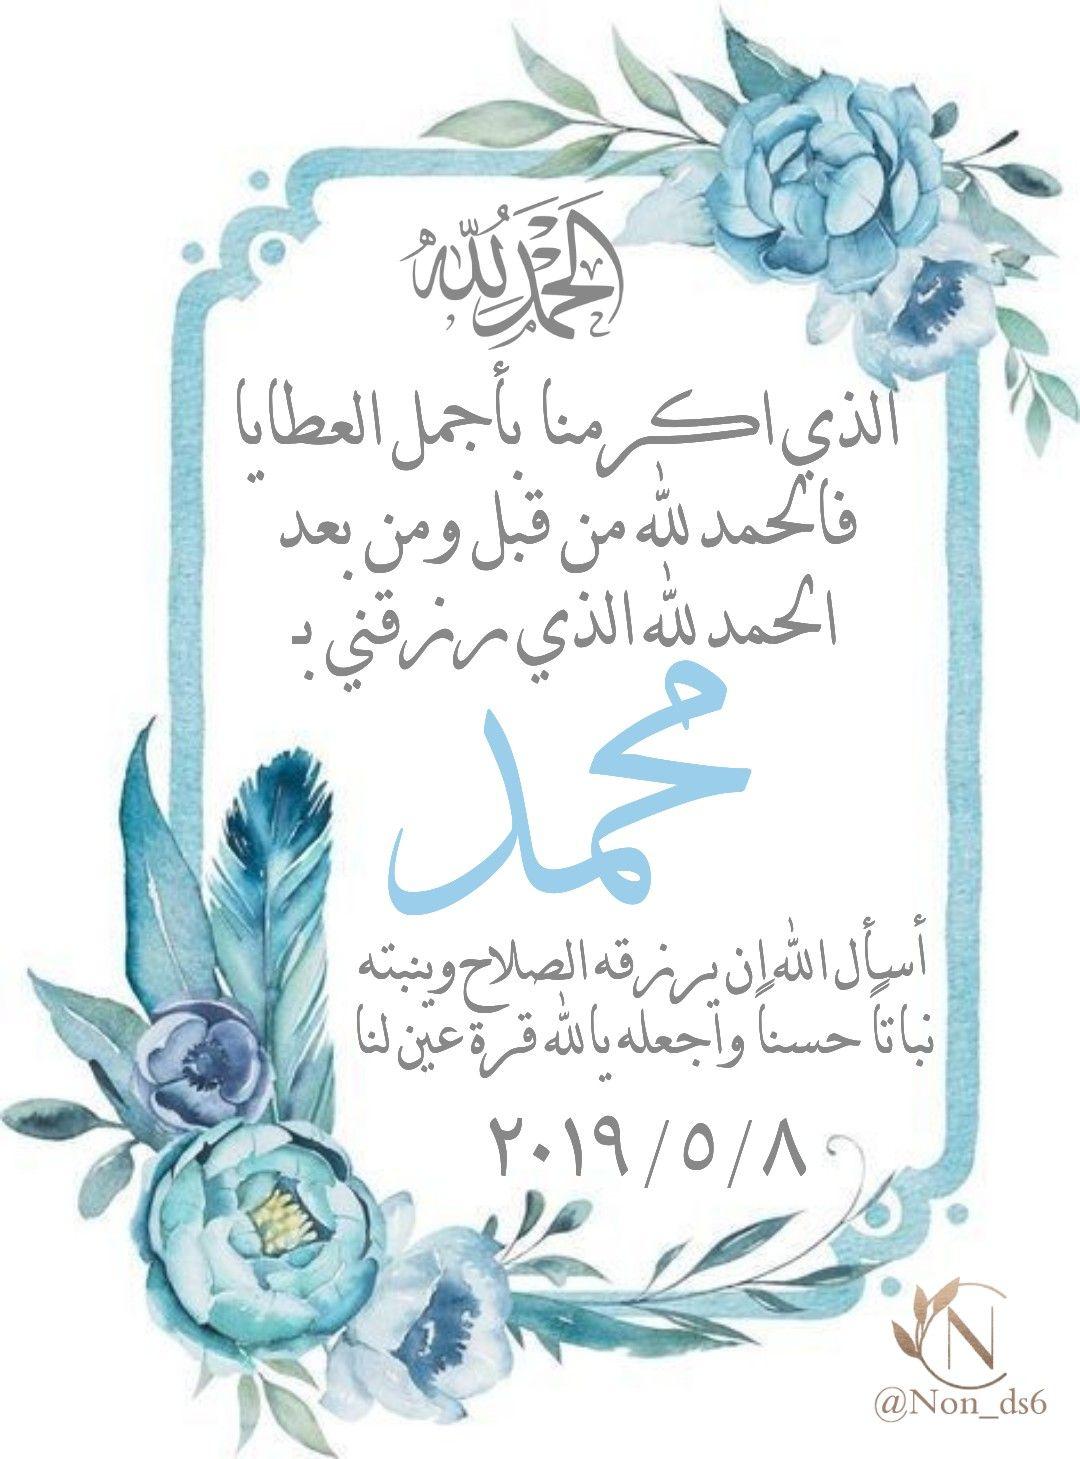 تصميم دعوة مواليد جاهزه Calligraphy Arabic Calligraphy Art